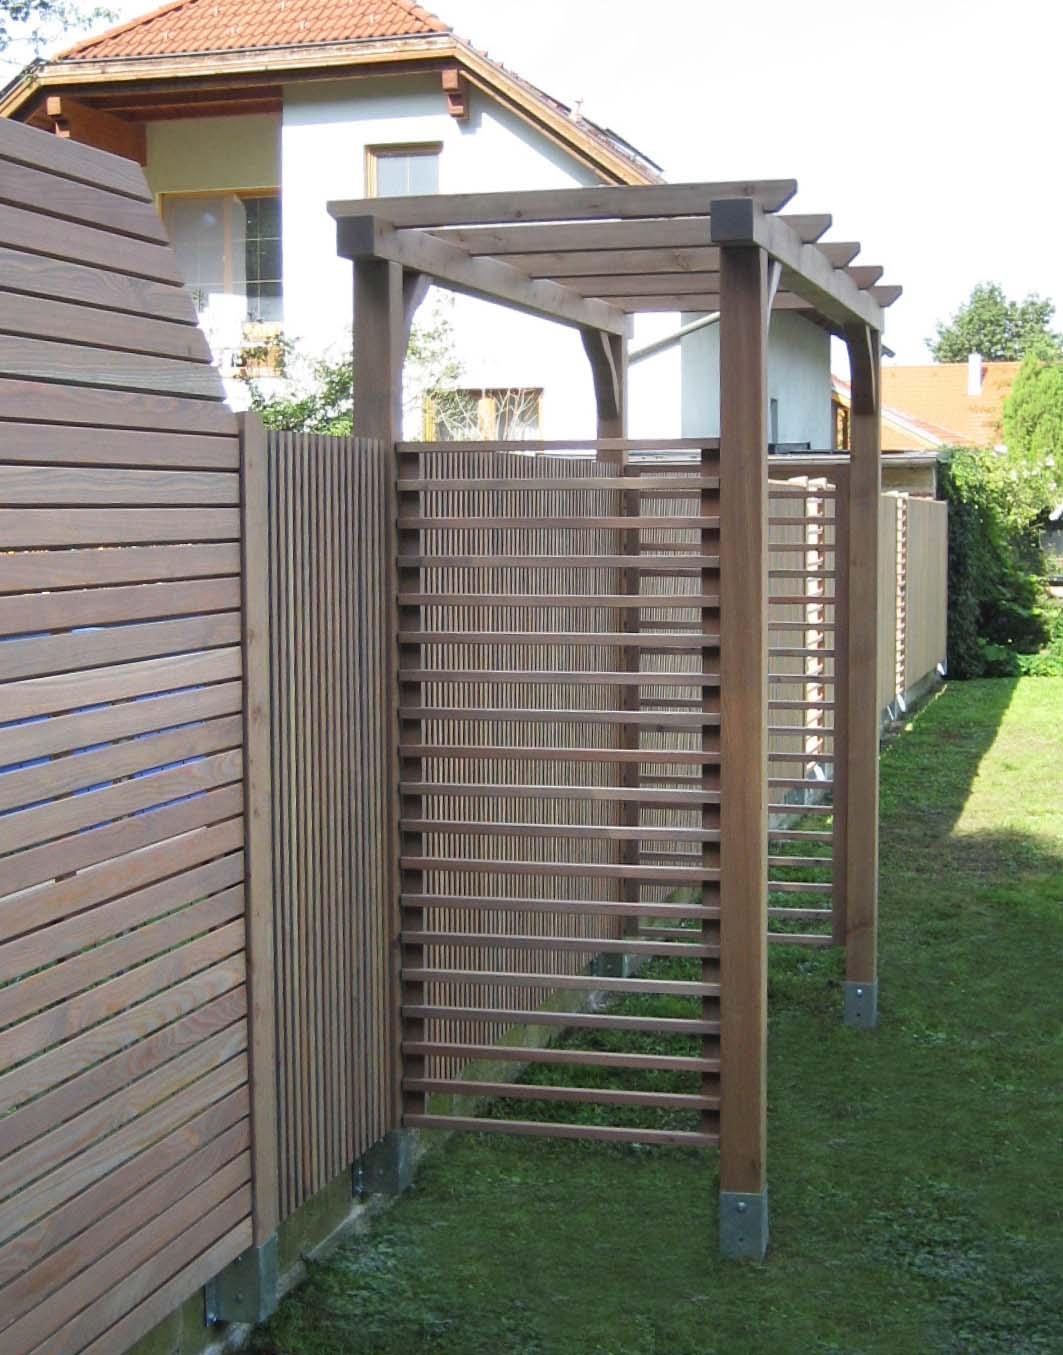 Full Size of Holz Pergola Modern Und Gartenlaube Aus Walli Wohnraum Garten Deckenleuchte Schlafzimmer Massivholz Bett Esstisch Bad Waschtisch Holzregal Badezimmer Wohnzimmer Holz Pergola Modern